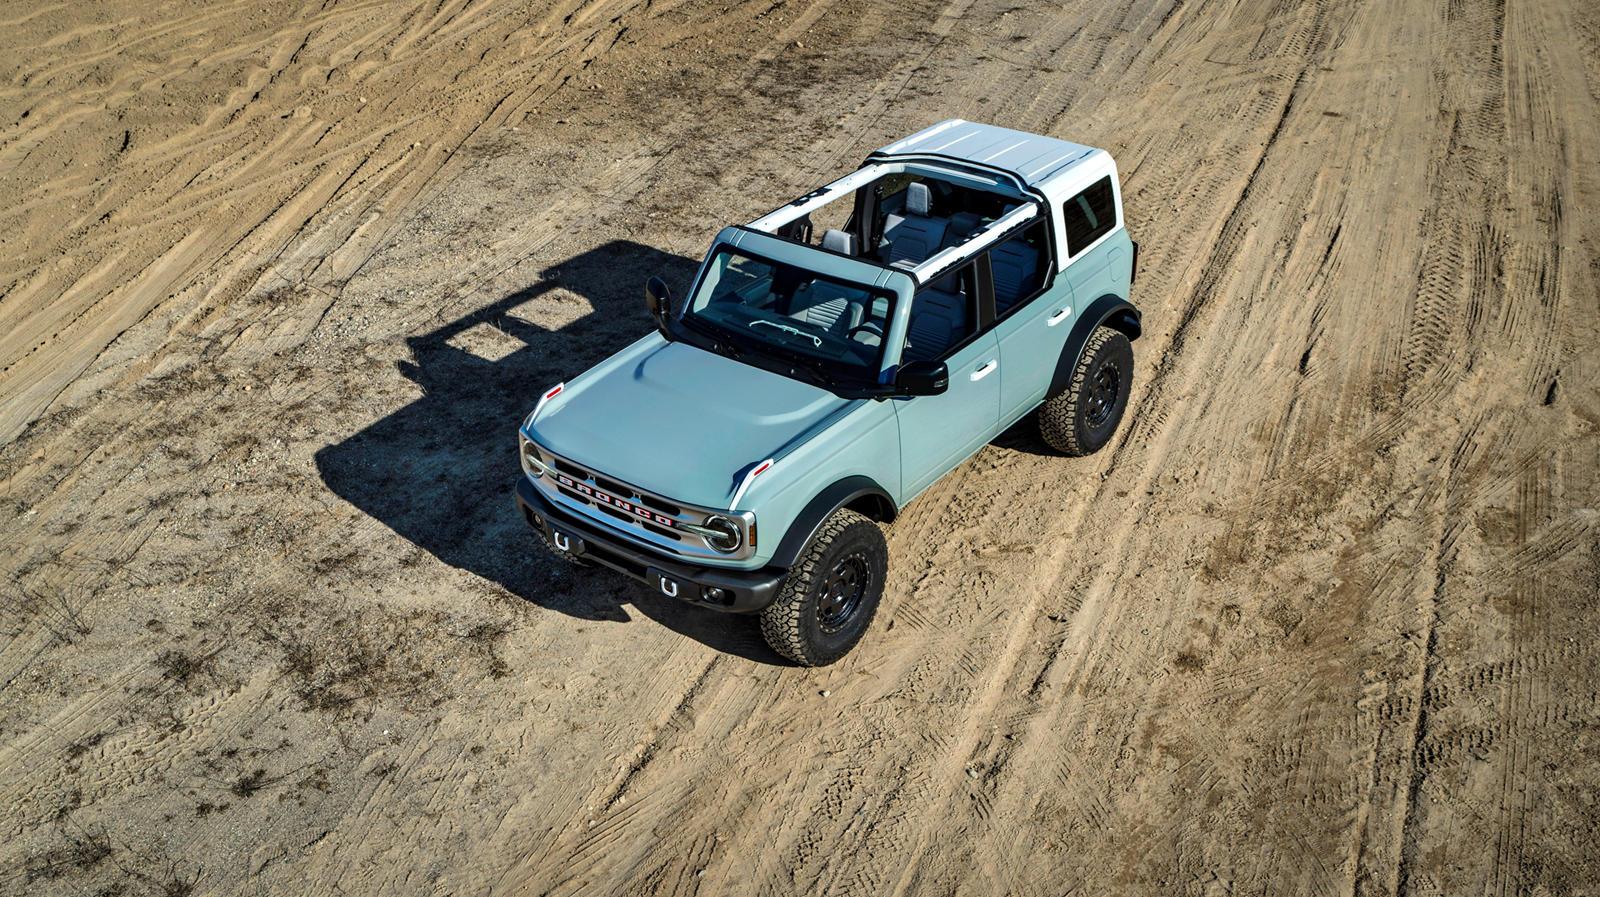 Однако с этим есть небольшая проблема; если вы когда-либо использовали конфигуратор 2021 Ford Bronco раньше, вы, вероятно, заметили, что выбор аксессуаров через веб-сайт вызывает тревогу.